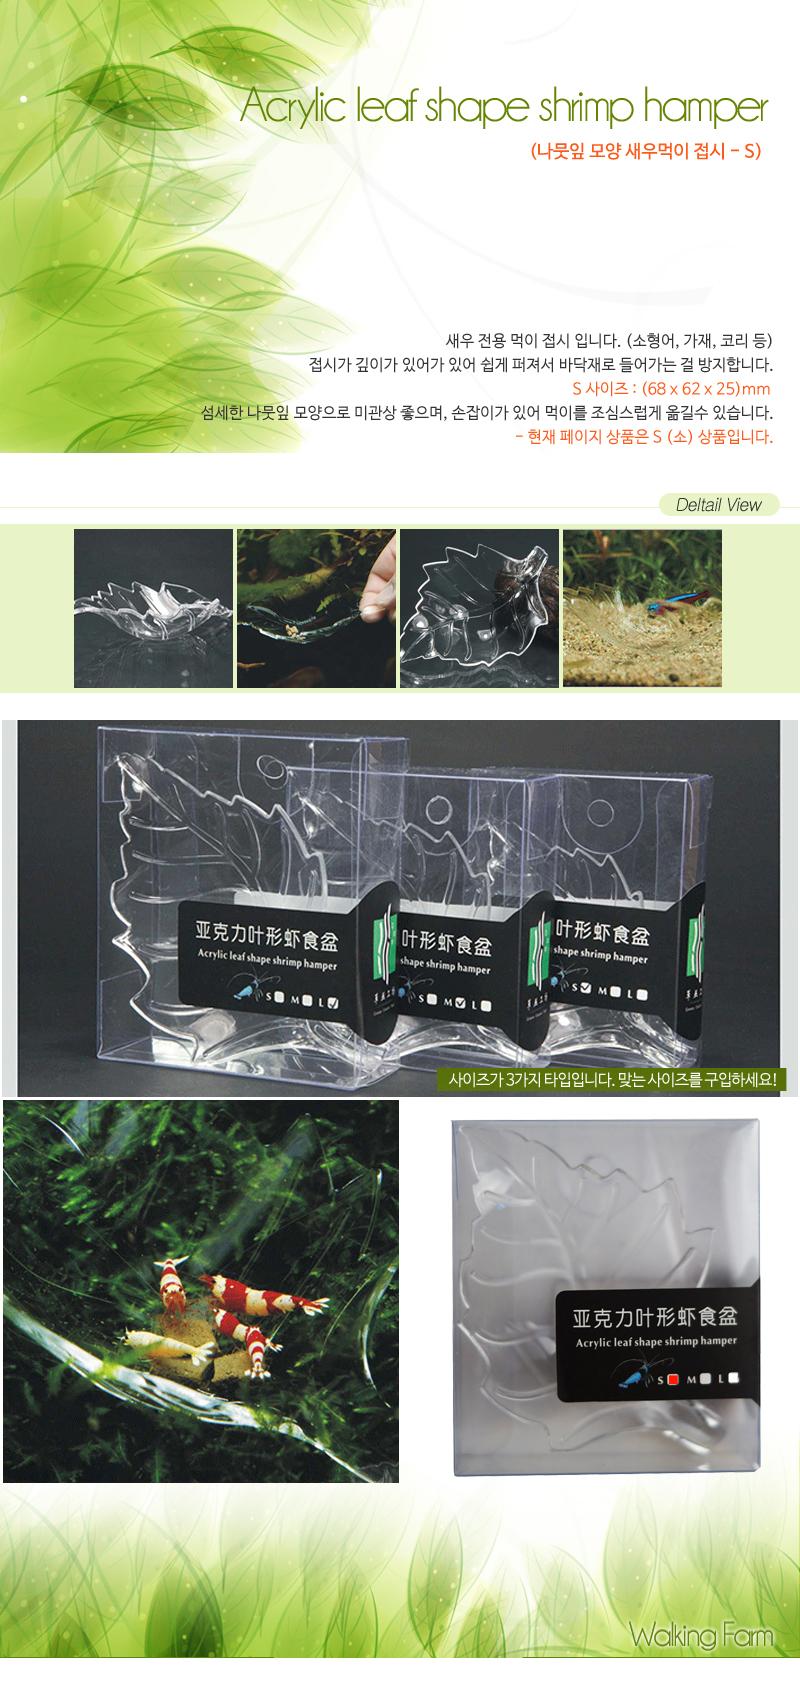 워킹팜 나뭇잎모양 새우먹이 접시 - S - 미미네아쿠아, 3,500원, 사료, 먹이급여기